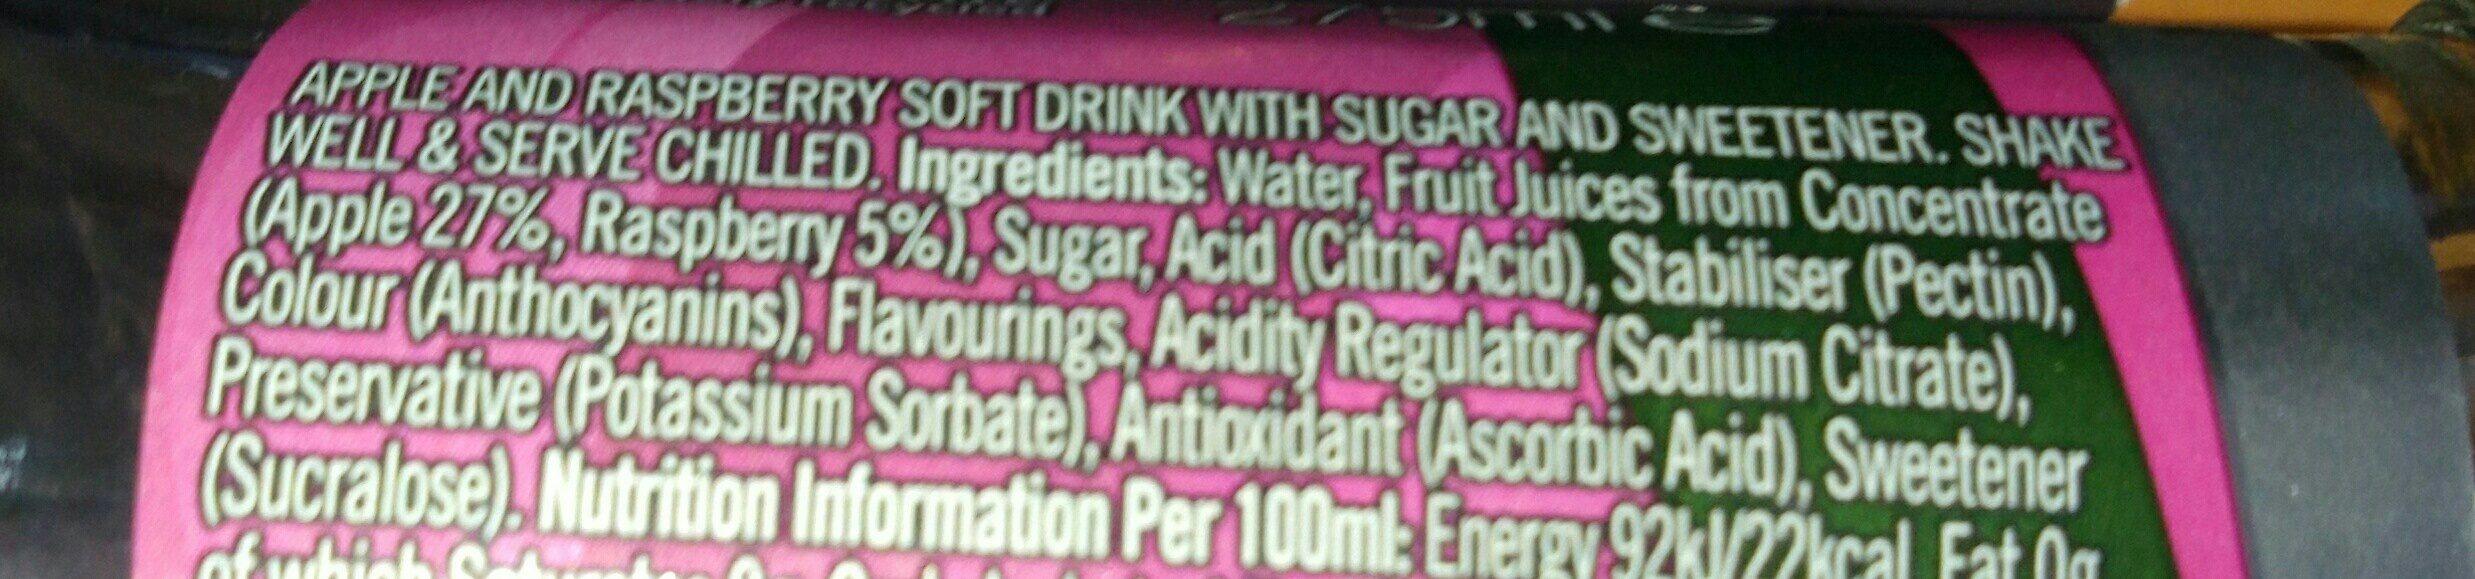 J2o Soft Drink Sparkling Apple & Raspberry - Ingrédients - fr